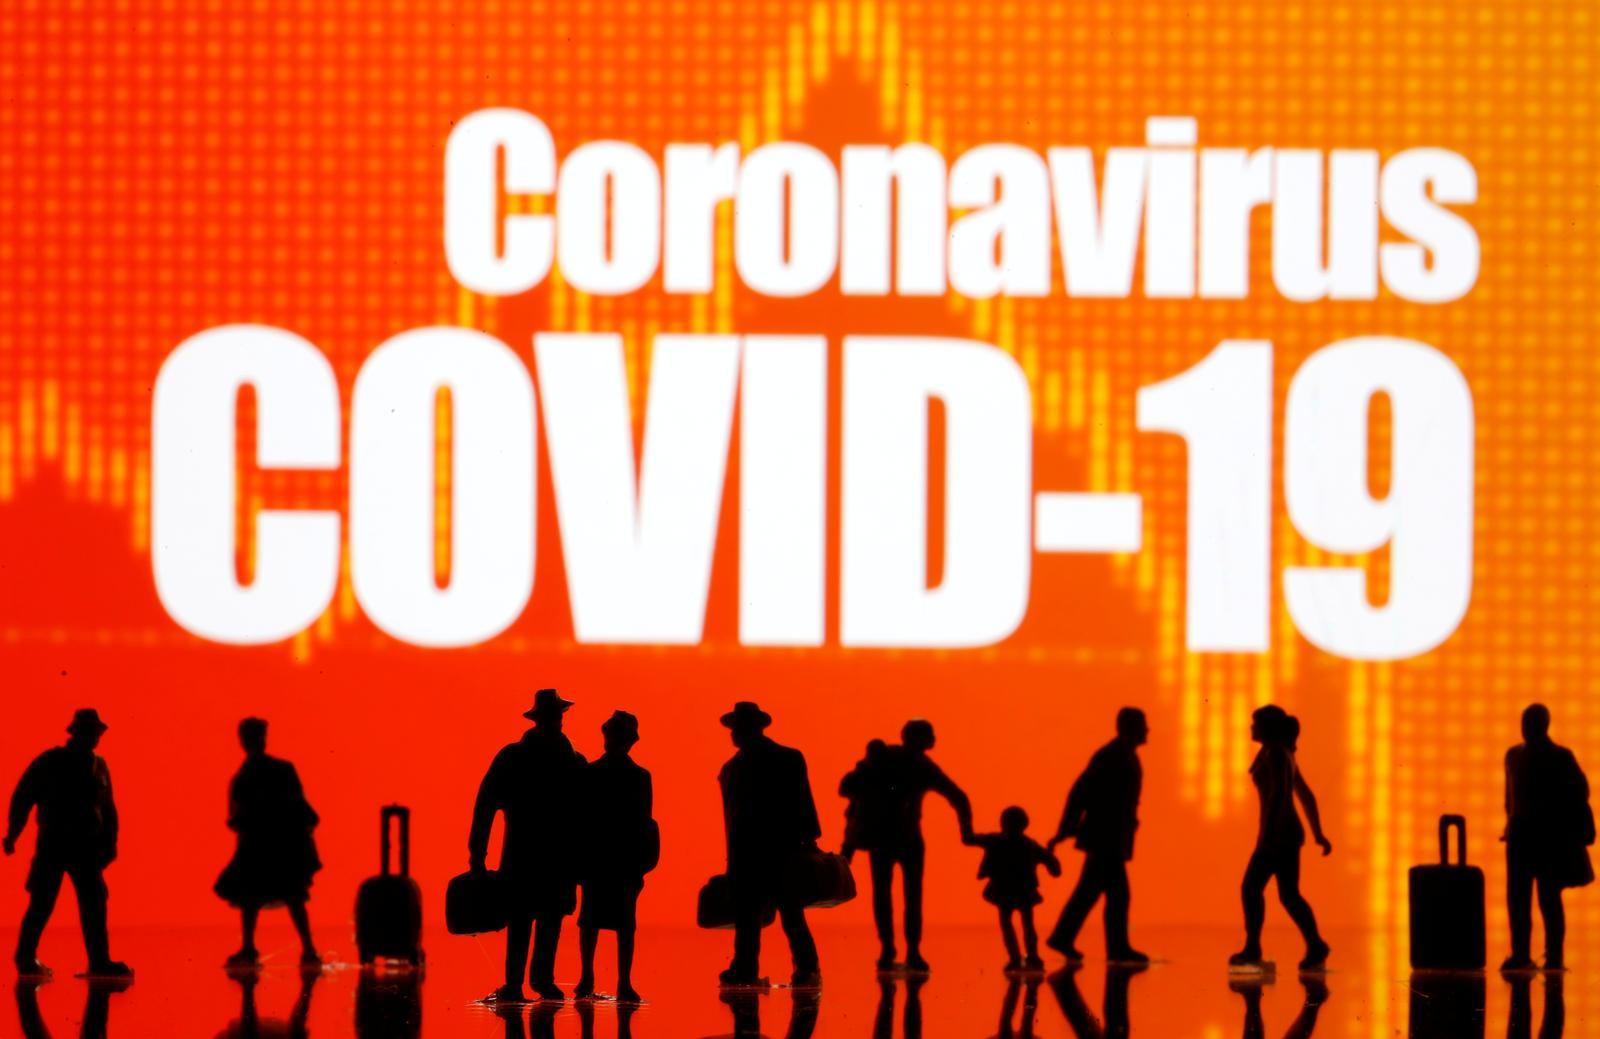 New coronavirus variant identified in New York: researchers